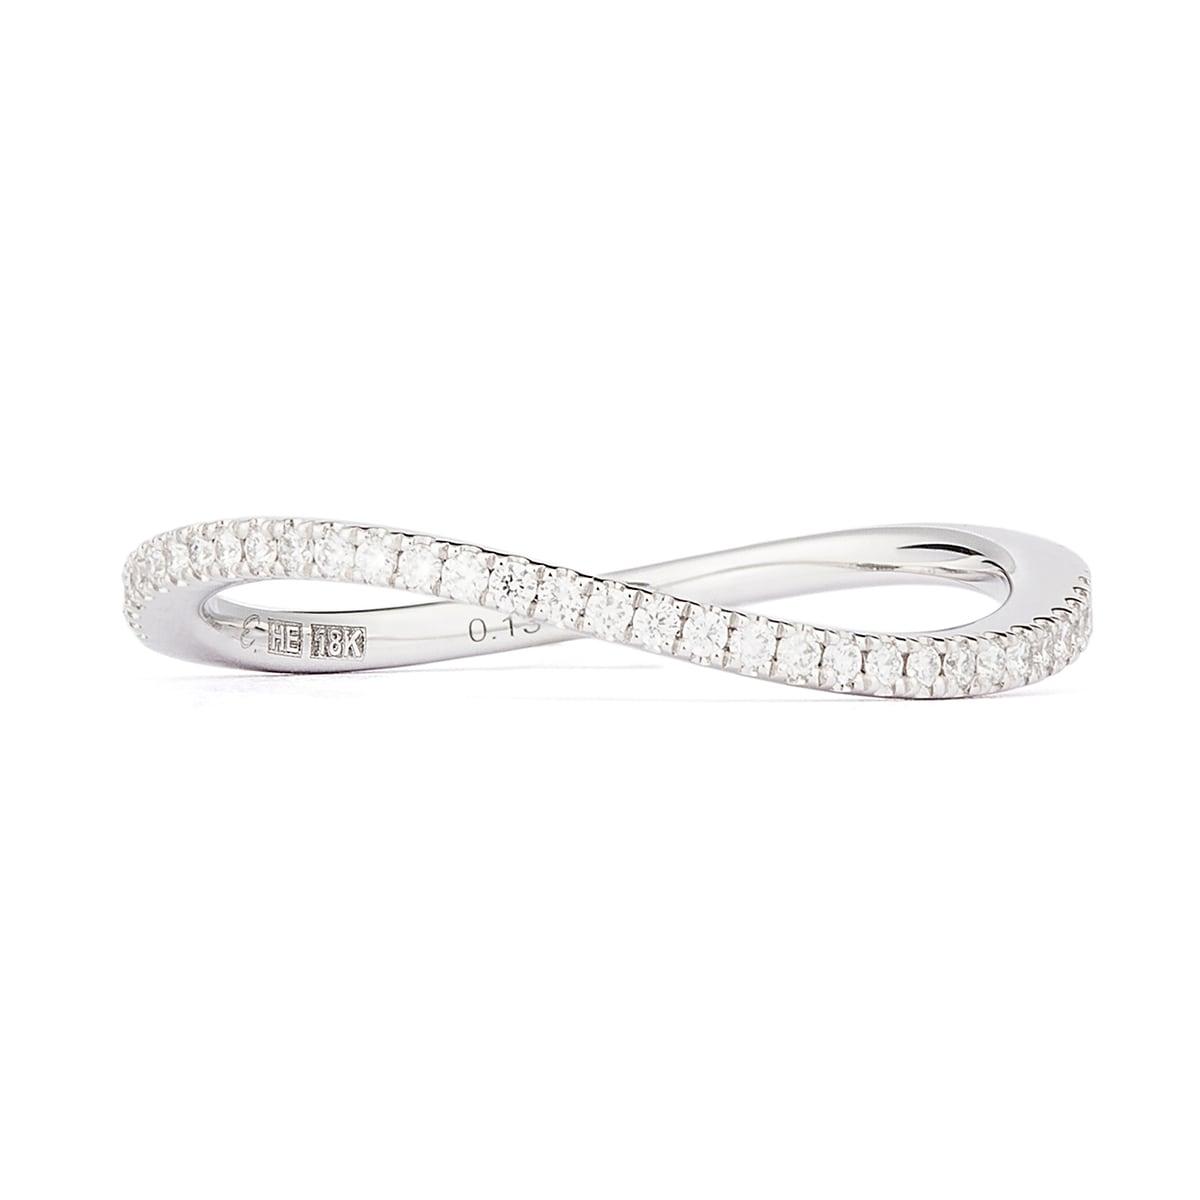 engelbert petit ring